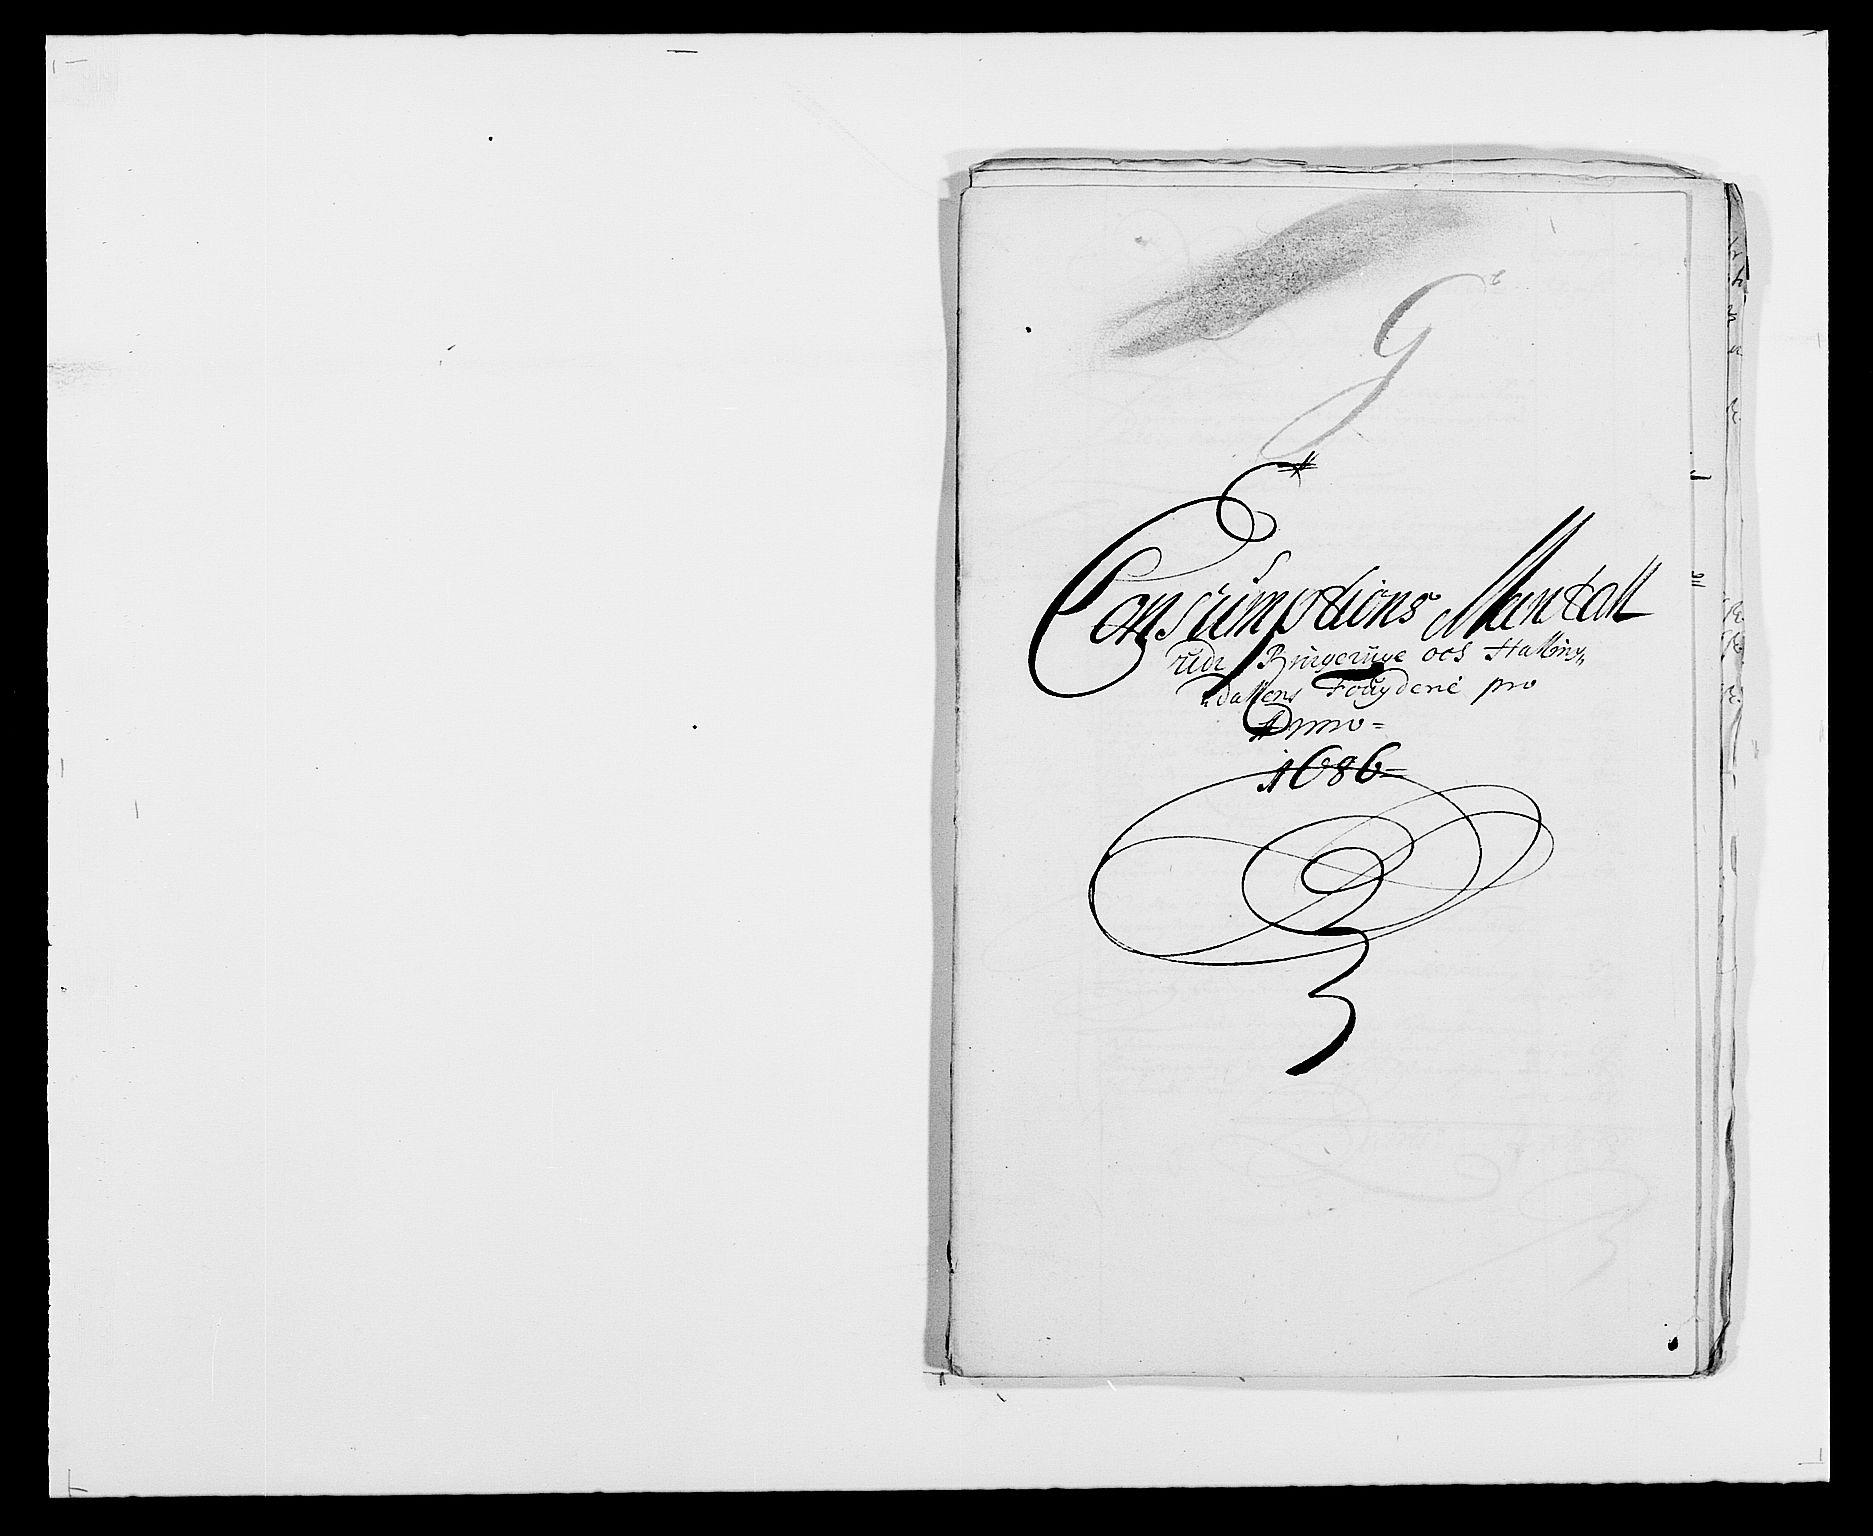 RA, Rentekammeret inntil 1814, Reviderte regnskaper, Fogderegnskap, R21/L1446: Fogderegnskap Ringerike og Hallingdal, 1683-1686, s. 495